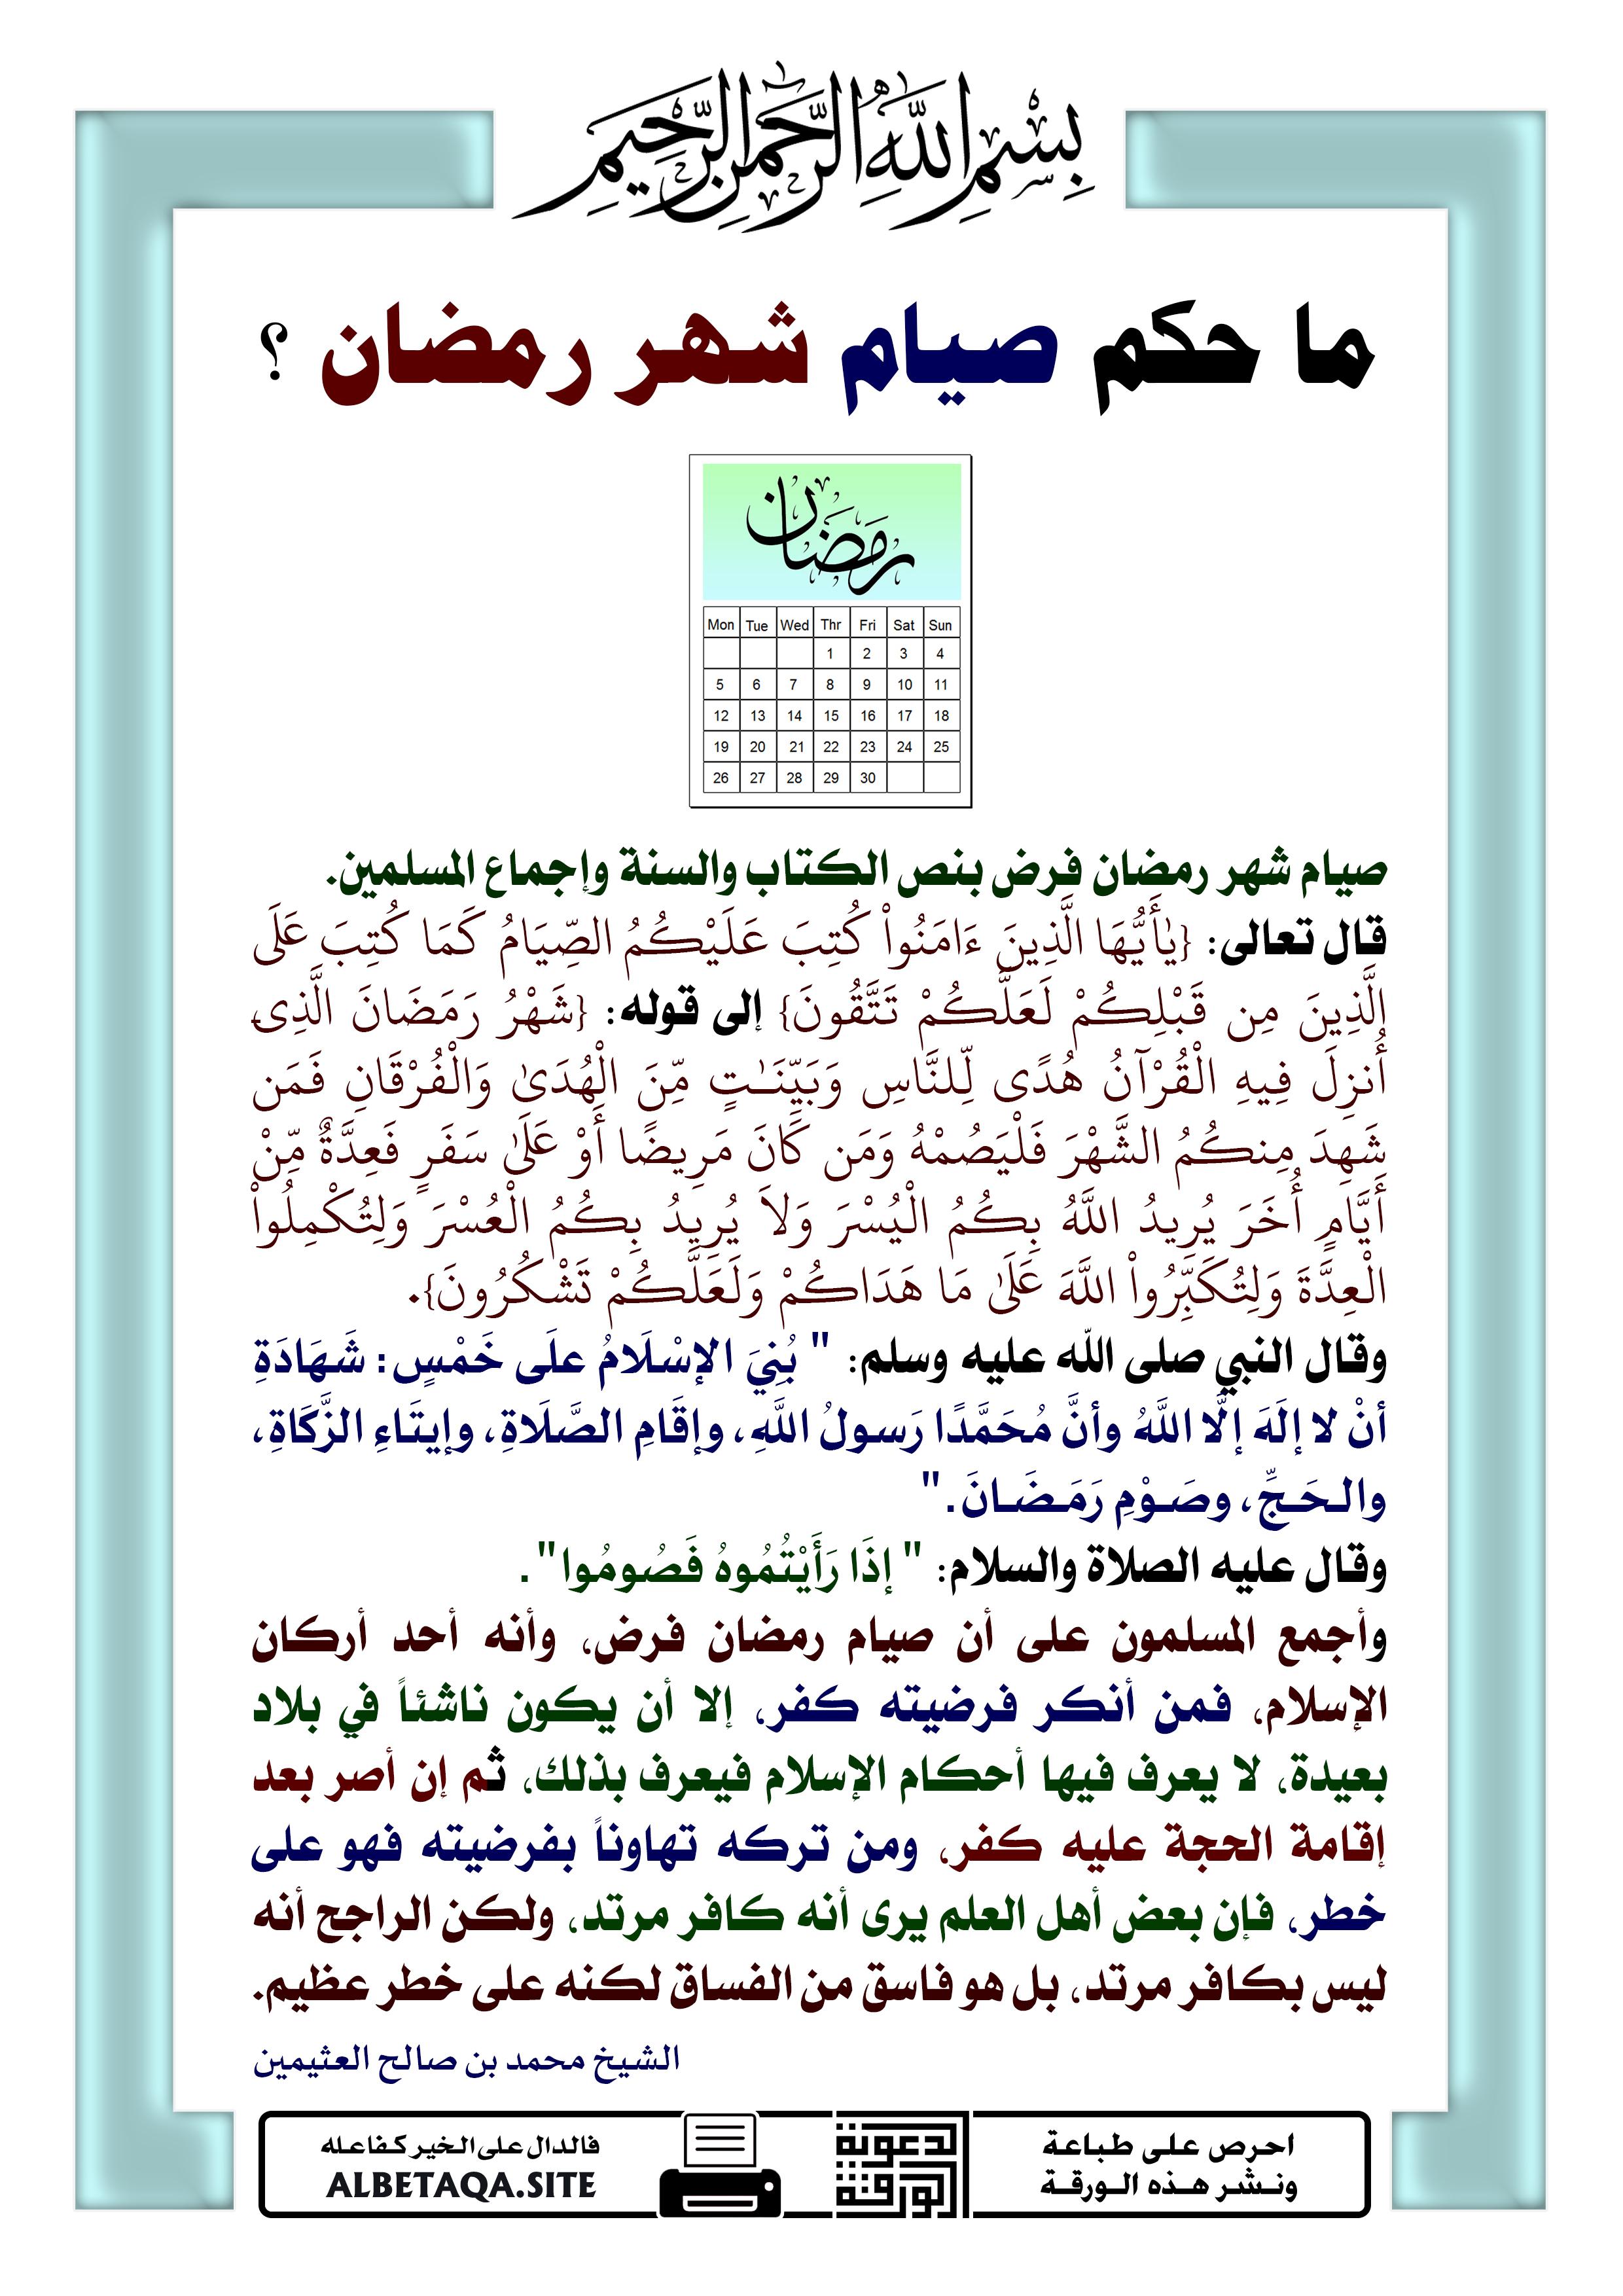 ما حكم صيام شهر رمضان موقع البطاقة الدعوي